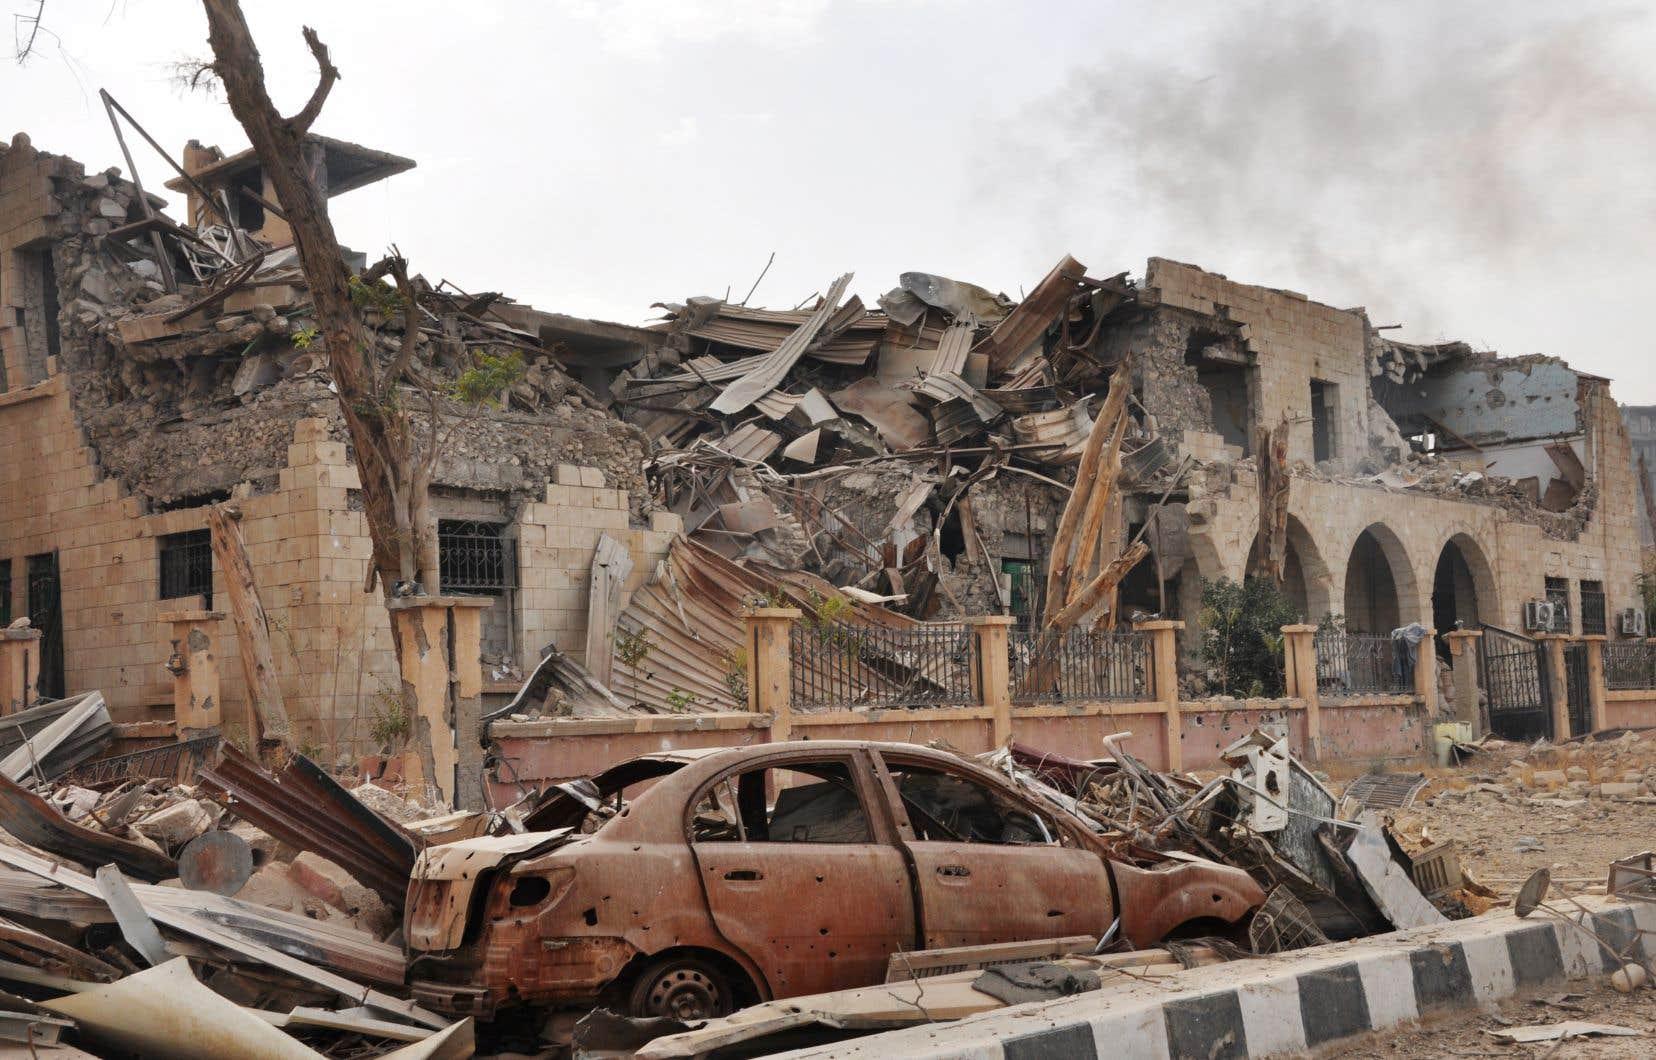 Des immeubles endommagés dans la province de Deir Ezzor, en Syrie, en novembre dernier